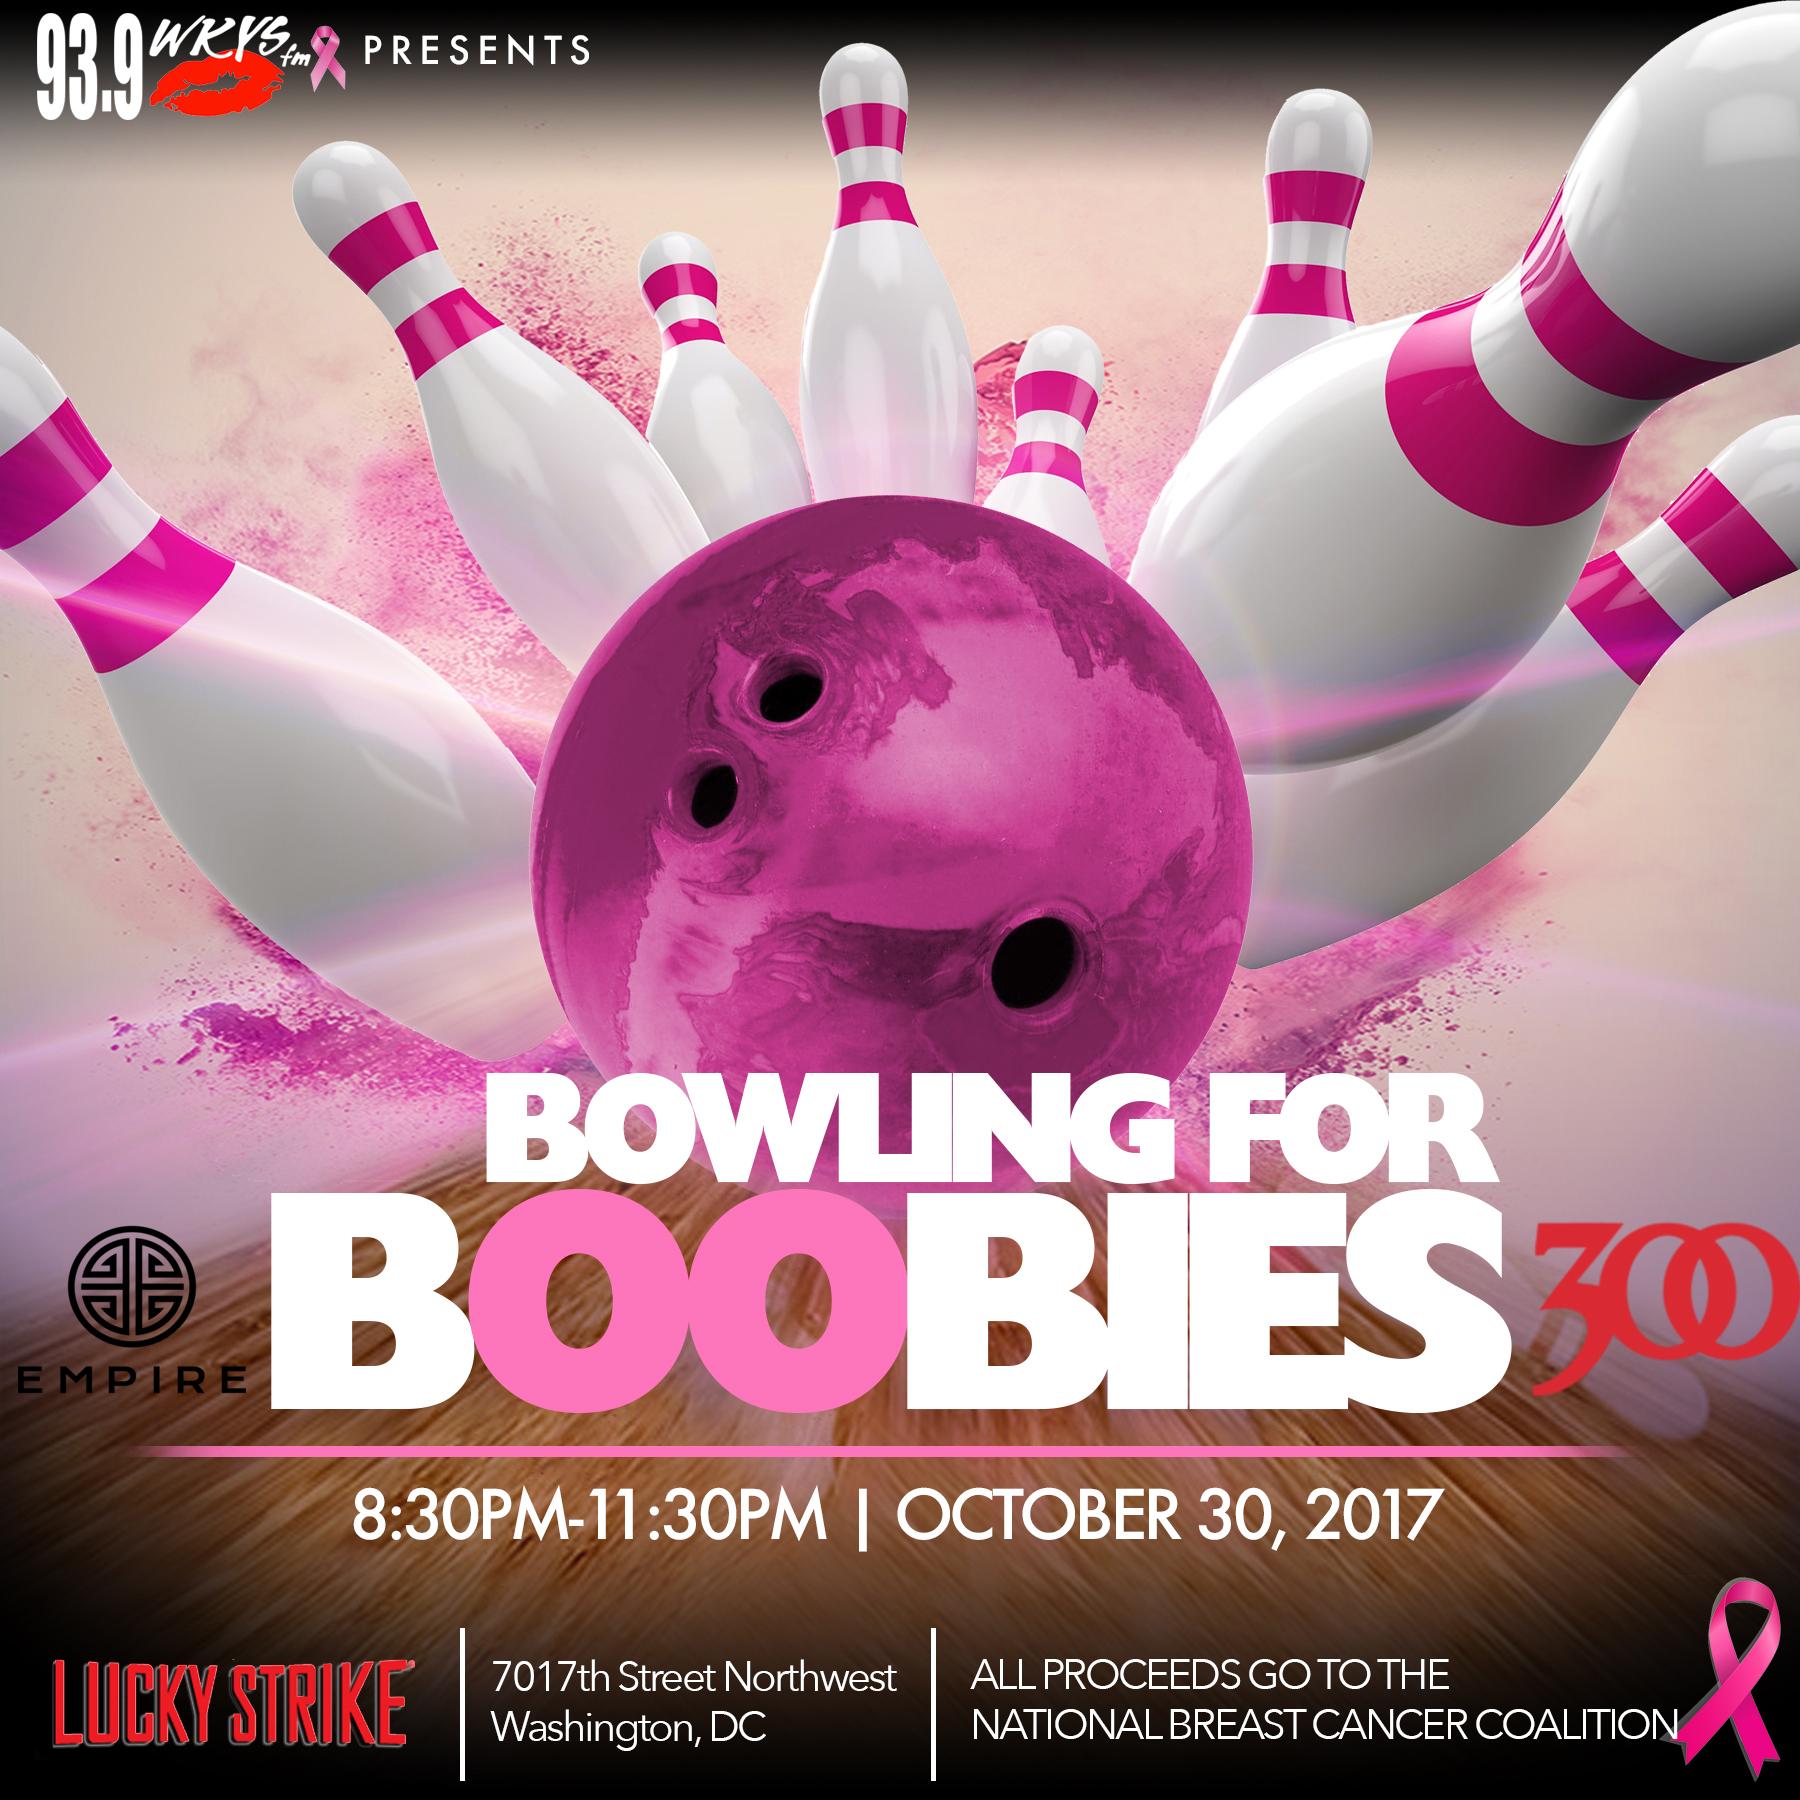 Bowling For Boobies Empire/300